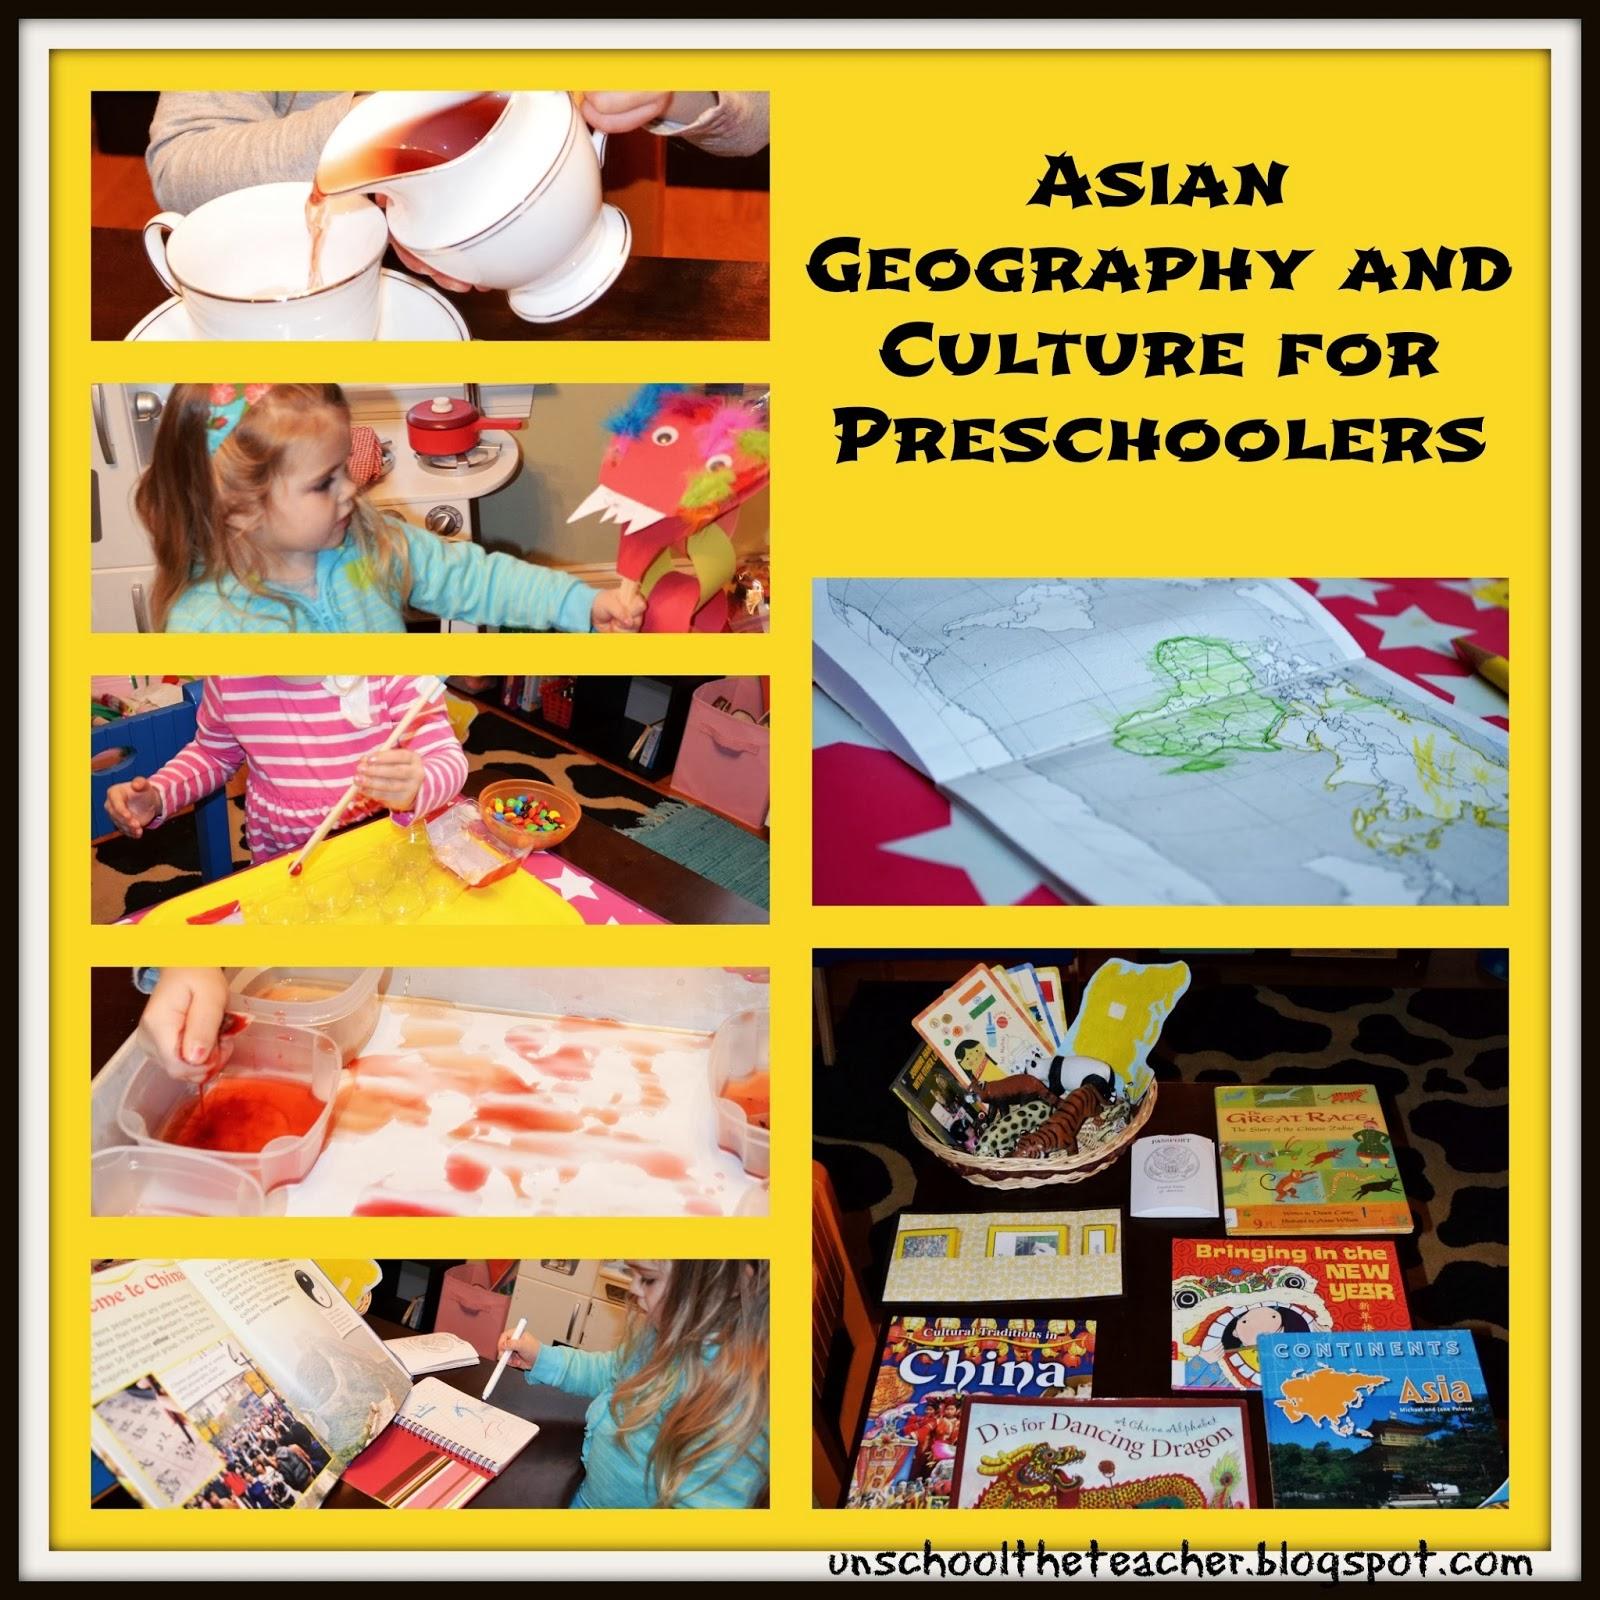 http://unschooltheteacher.blogspot.com/2014/02/asian-geography-and-culture.html